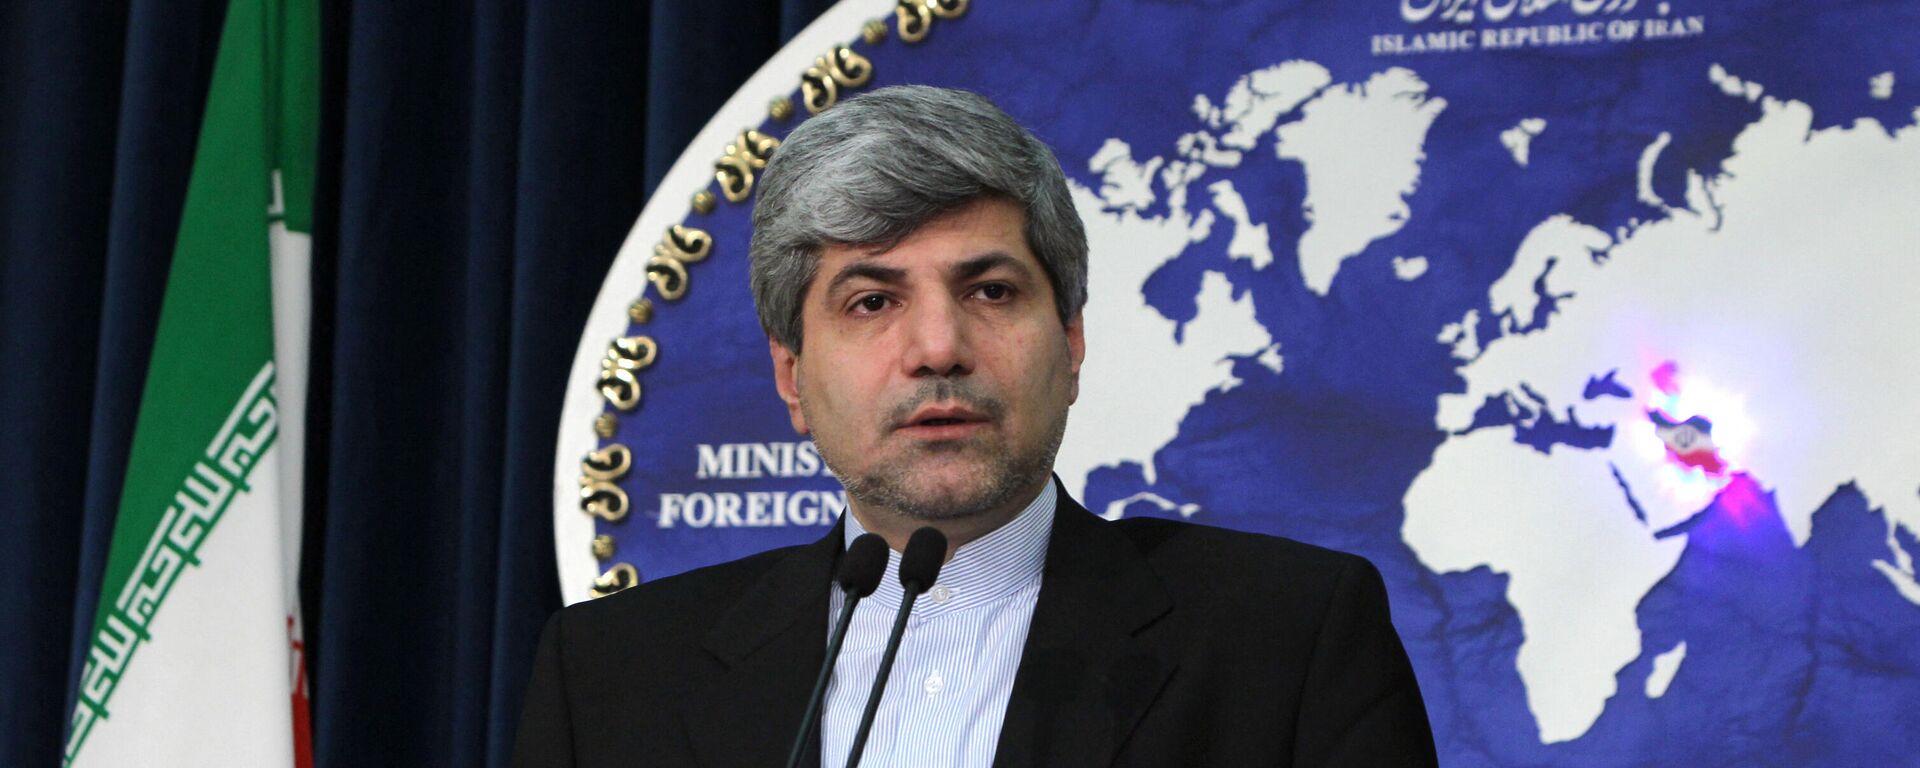 Кандидат в президенты Исламской Республики Иран Рамин Мехманпараст - Sputnik Таджикистан, 1920, 13.05.2021